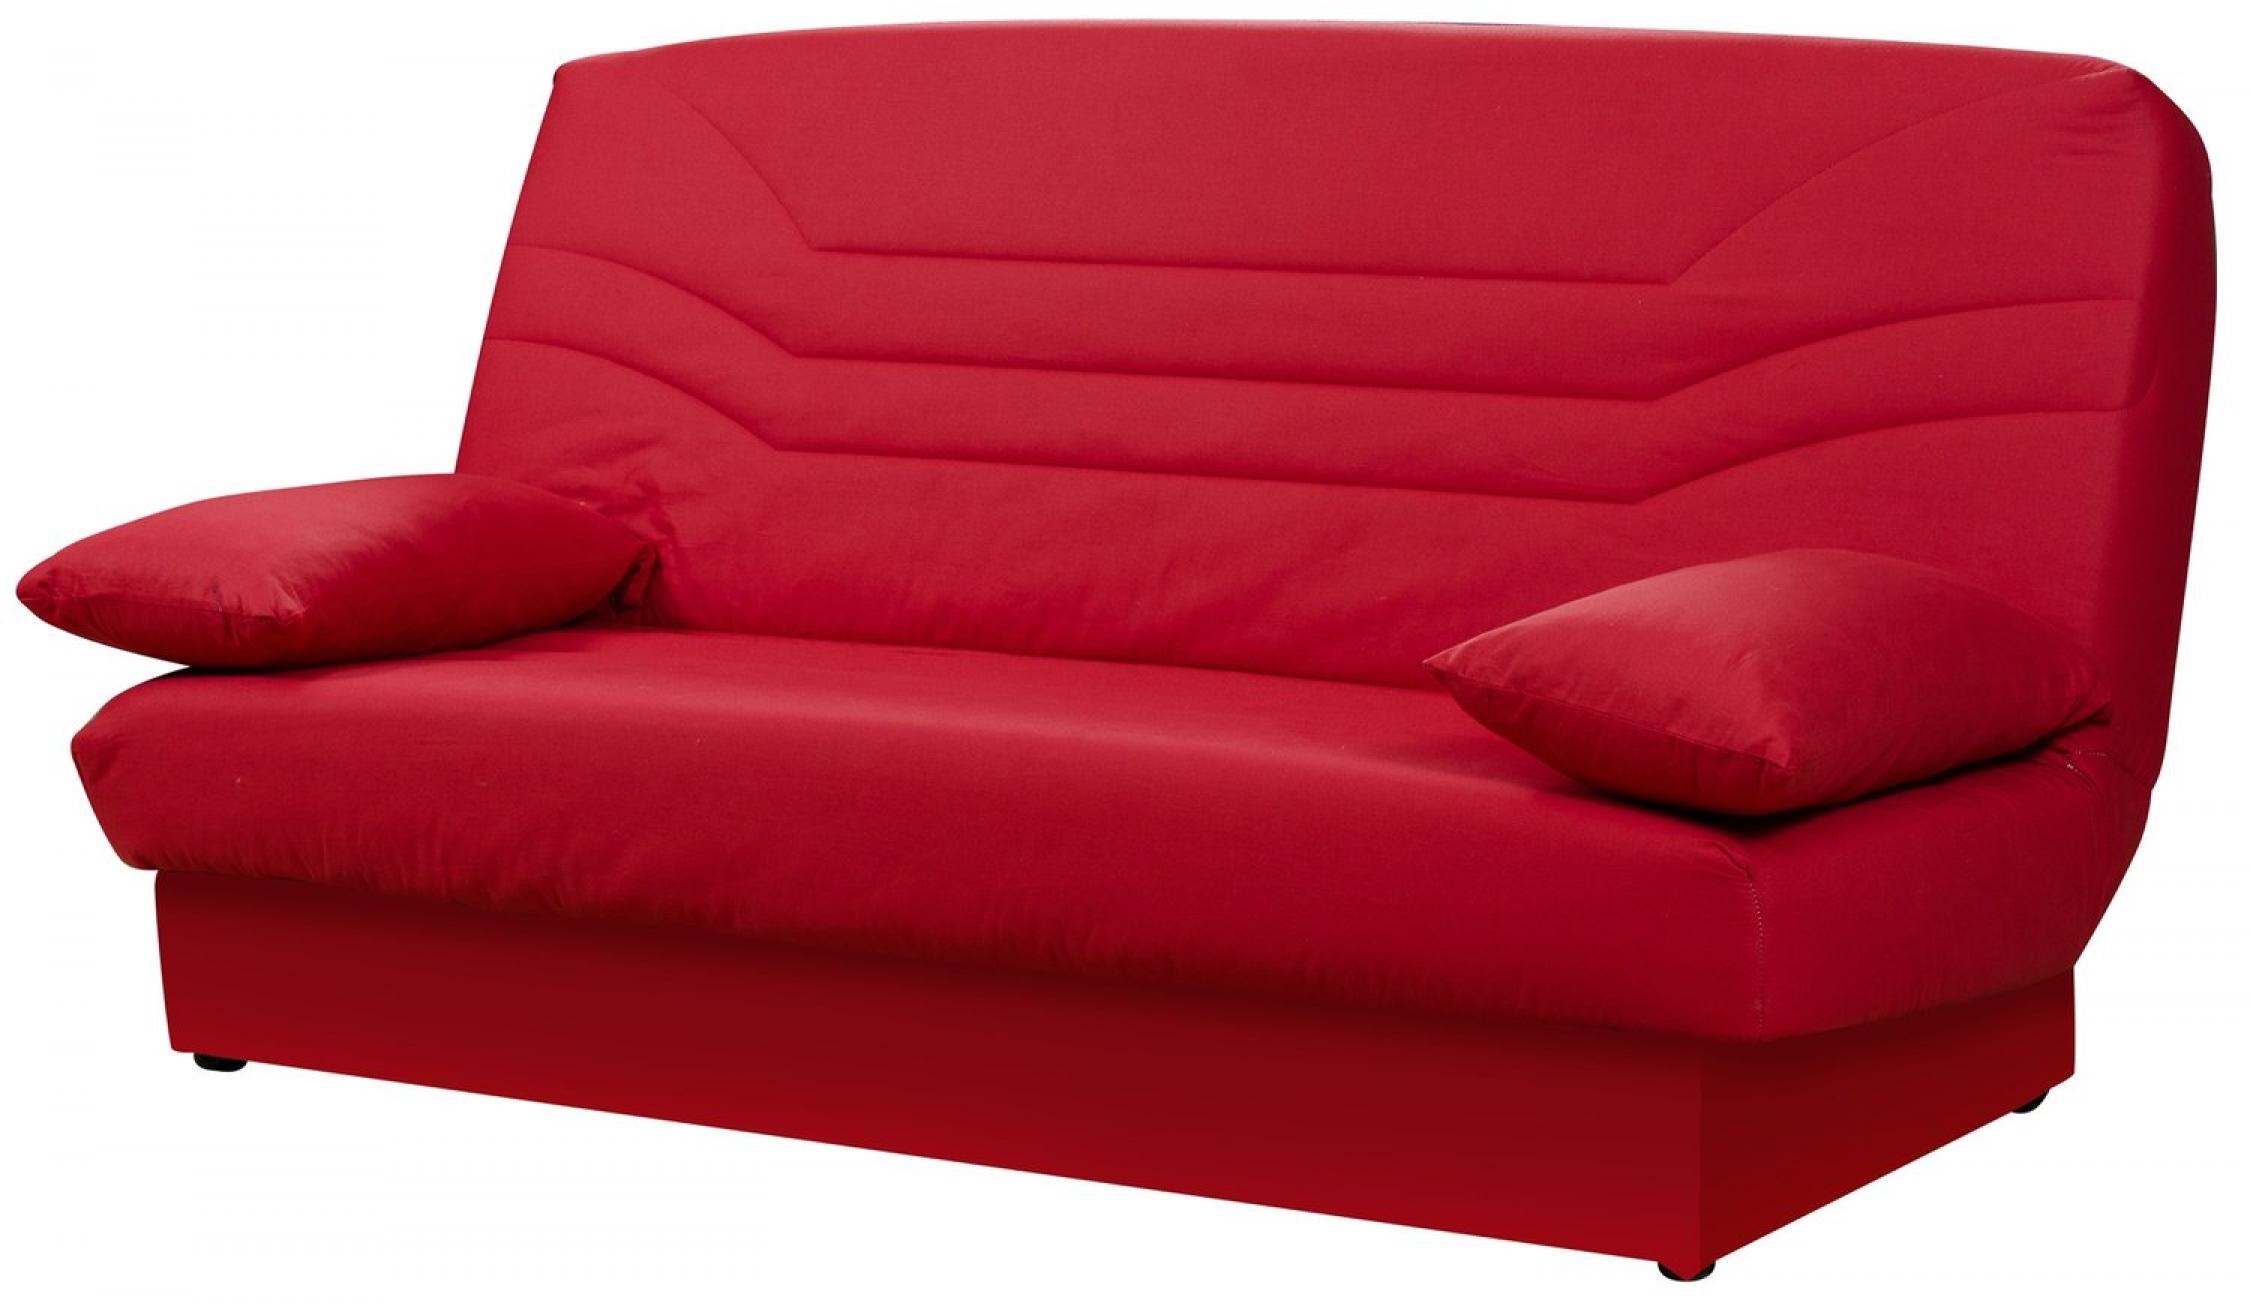 canape pas cher belgique maison design. Black Bedroom Furniture Sets. Home Design Ideas